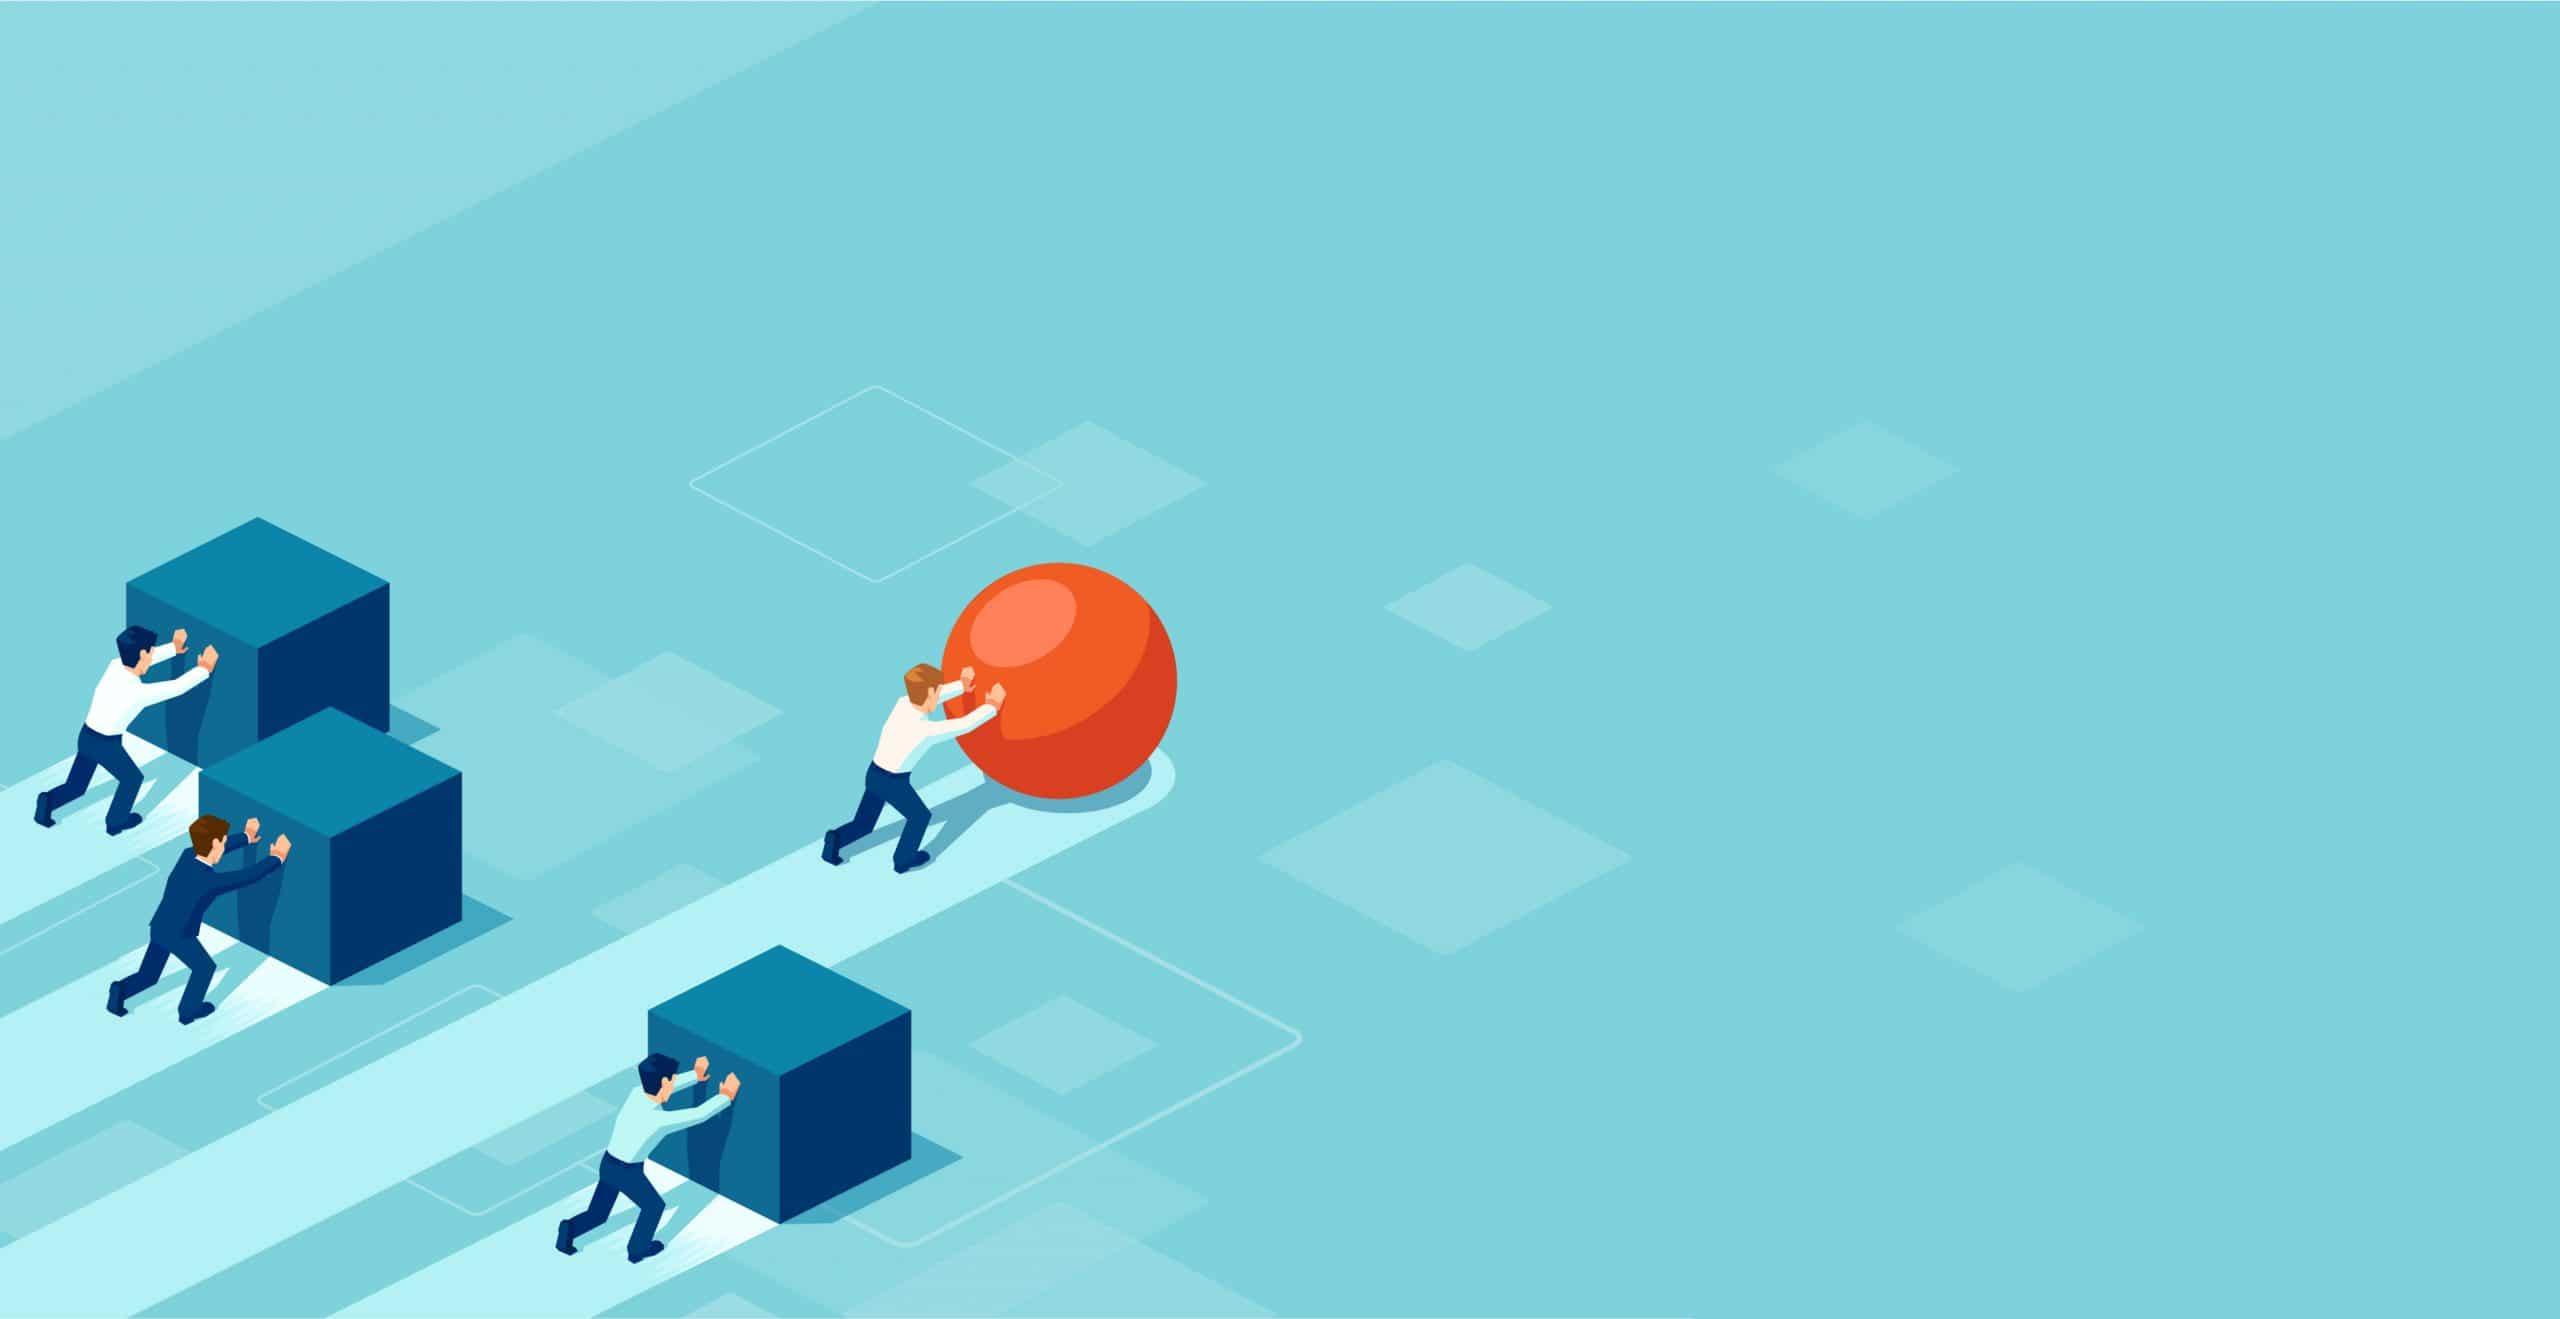 Travailler efficacement - homme poussant une sphère dépassant des personnes qui poussent des cubes